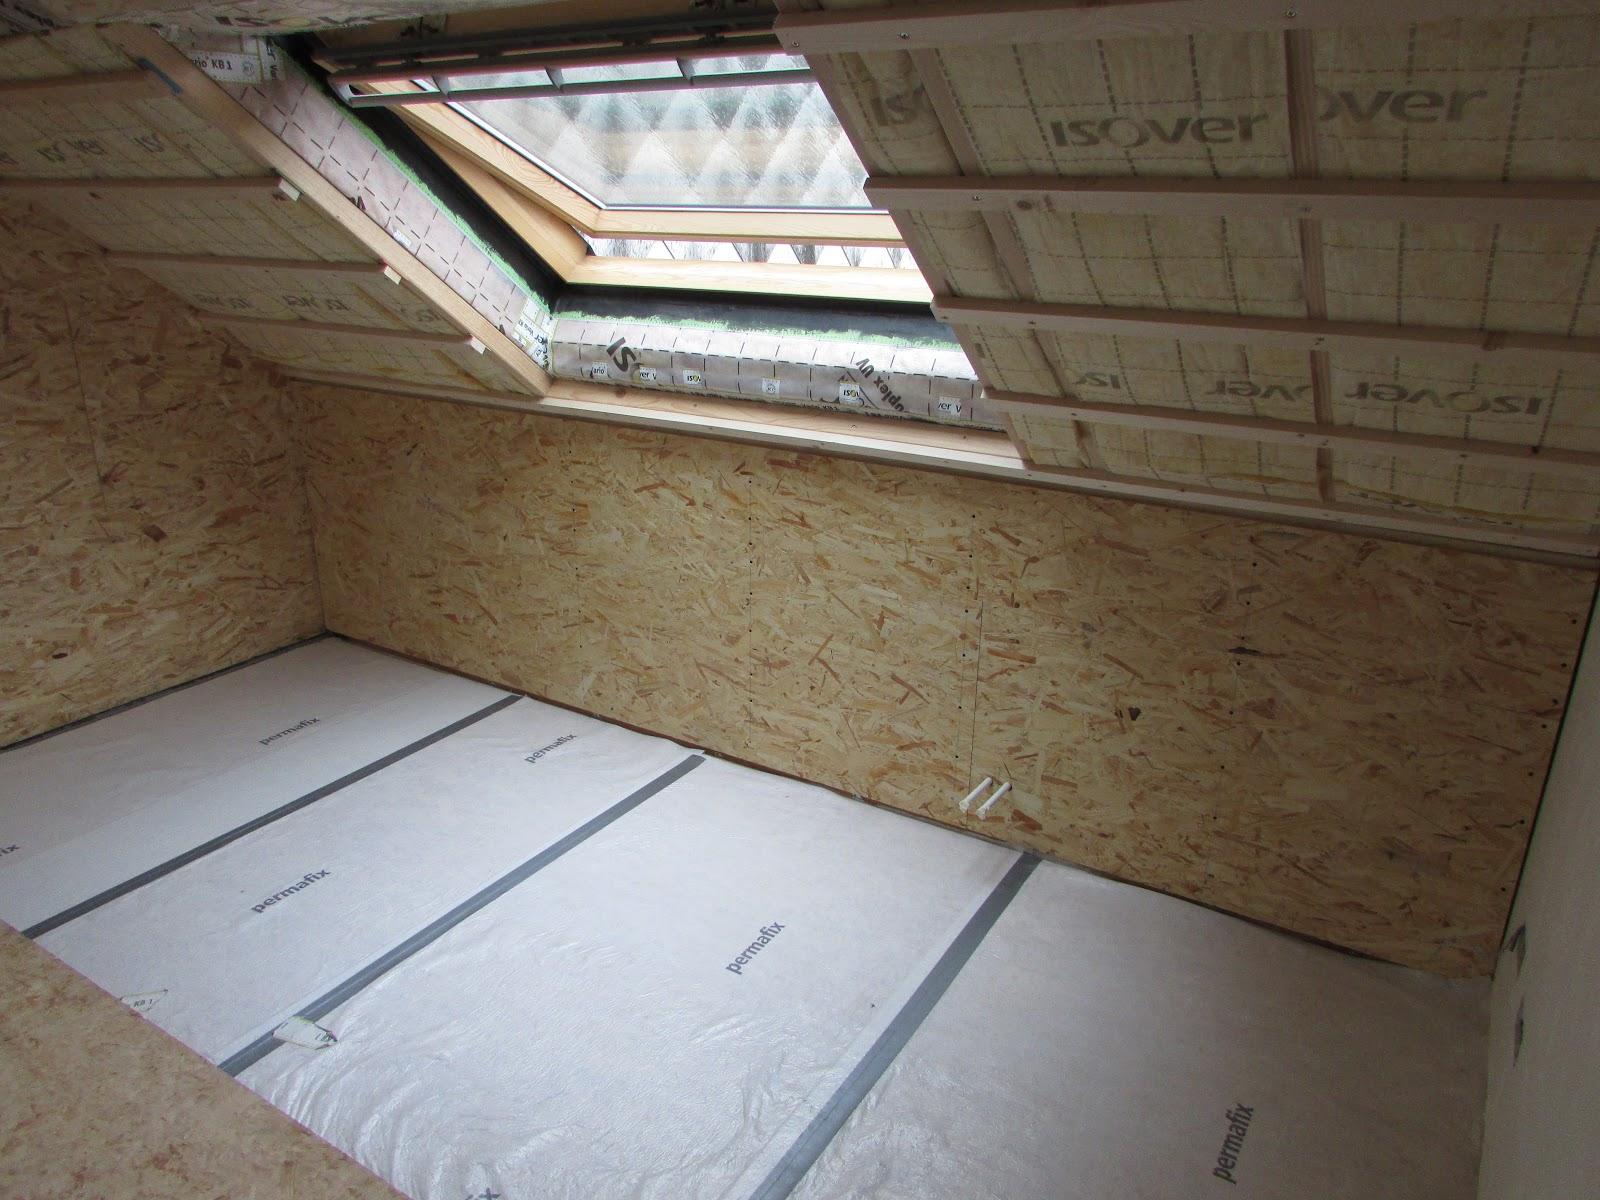 Kinderkamers Op Zolder : Verbouwing van ons ouderlijk huis: muren kinderkamers